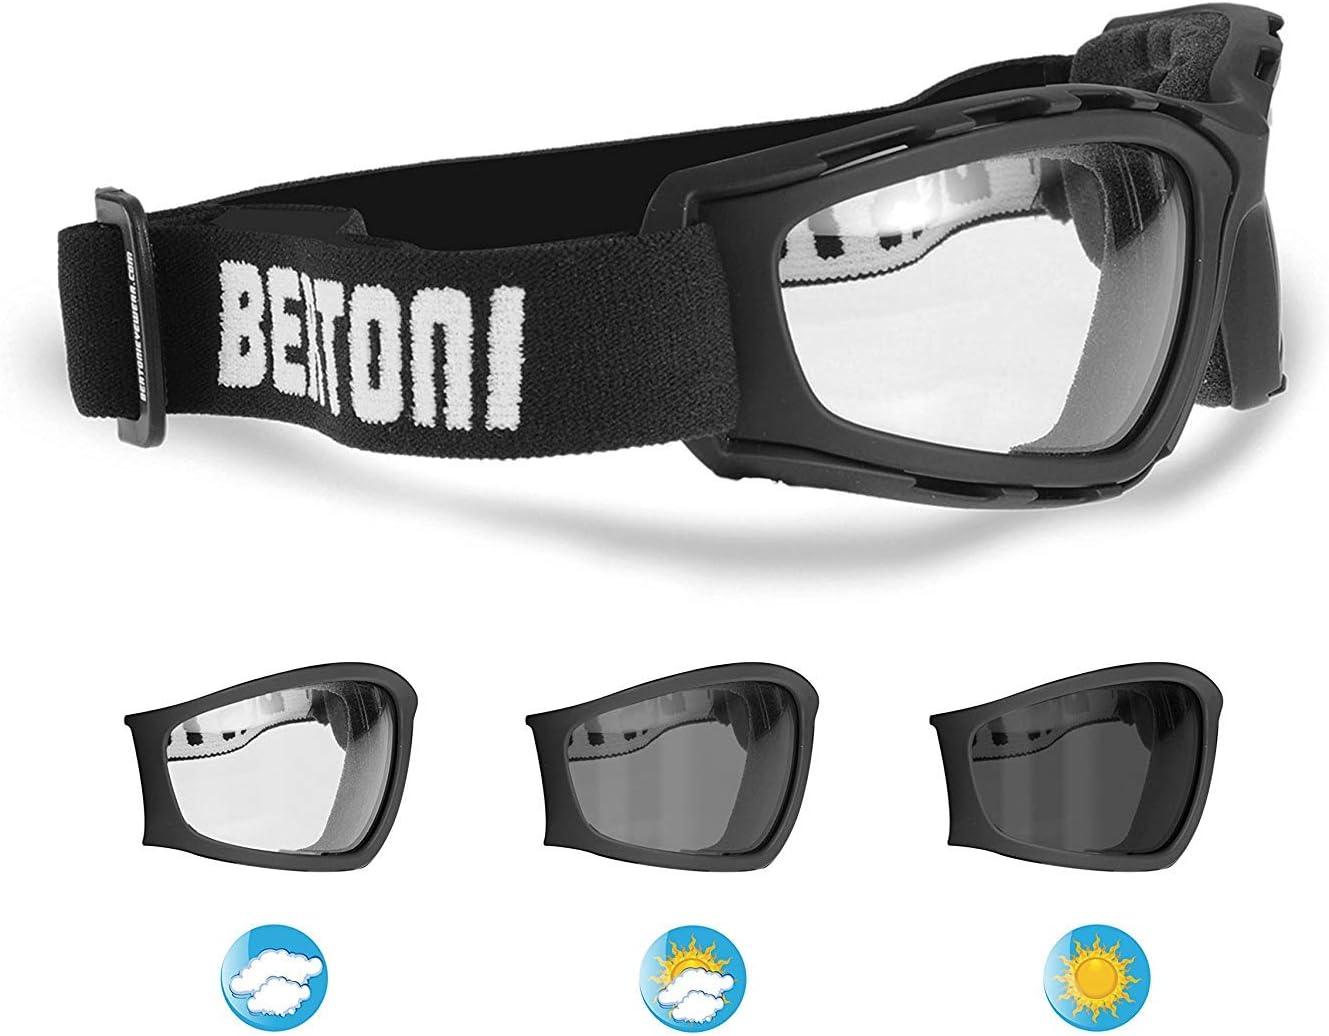 Motorrad Sonnenbrille Selbsttönend Anti Beschlag Gläser Verstellbares Band By Bertoni Italy F120new Sport Freizeit